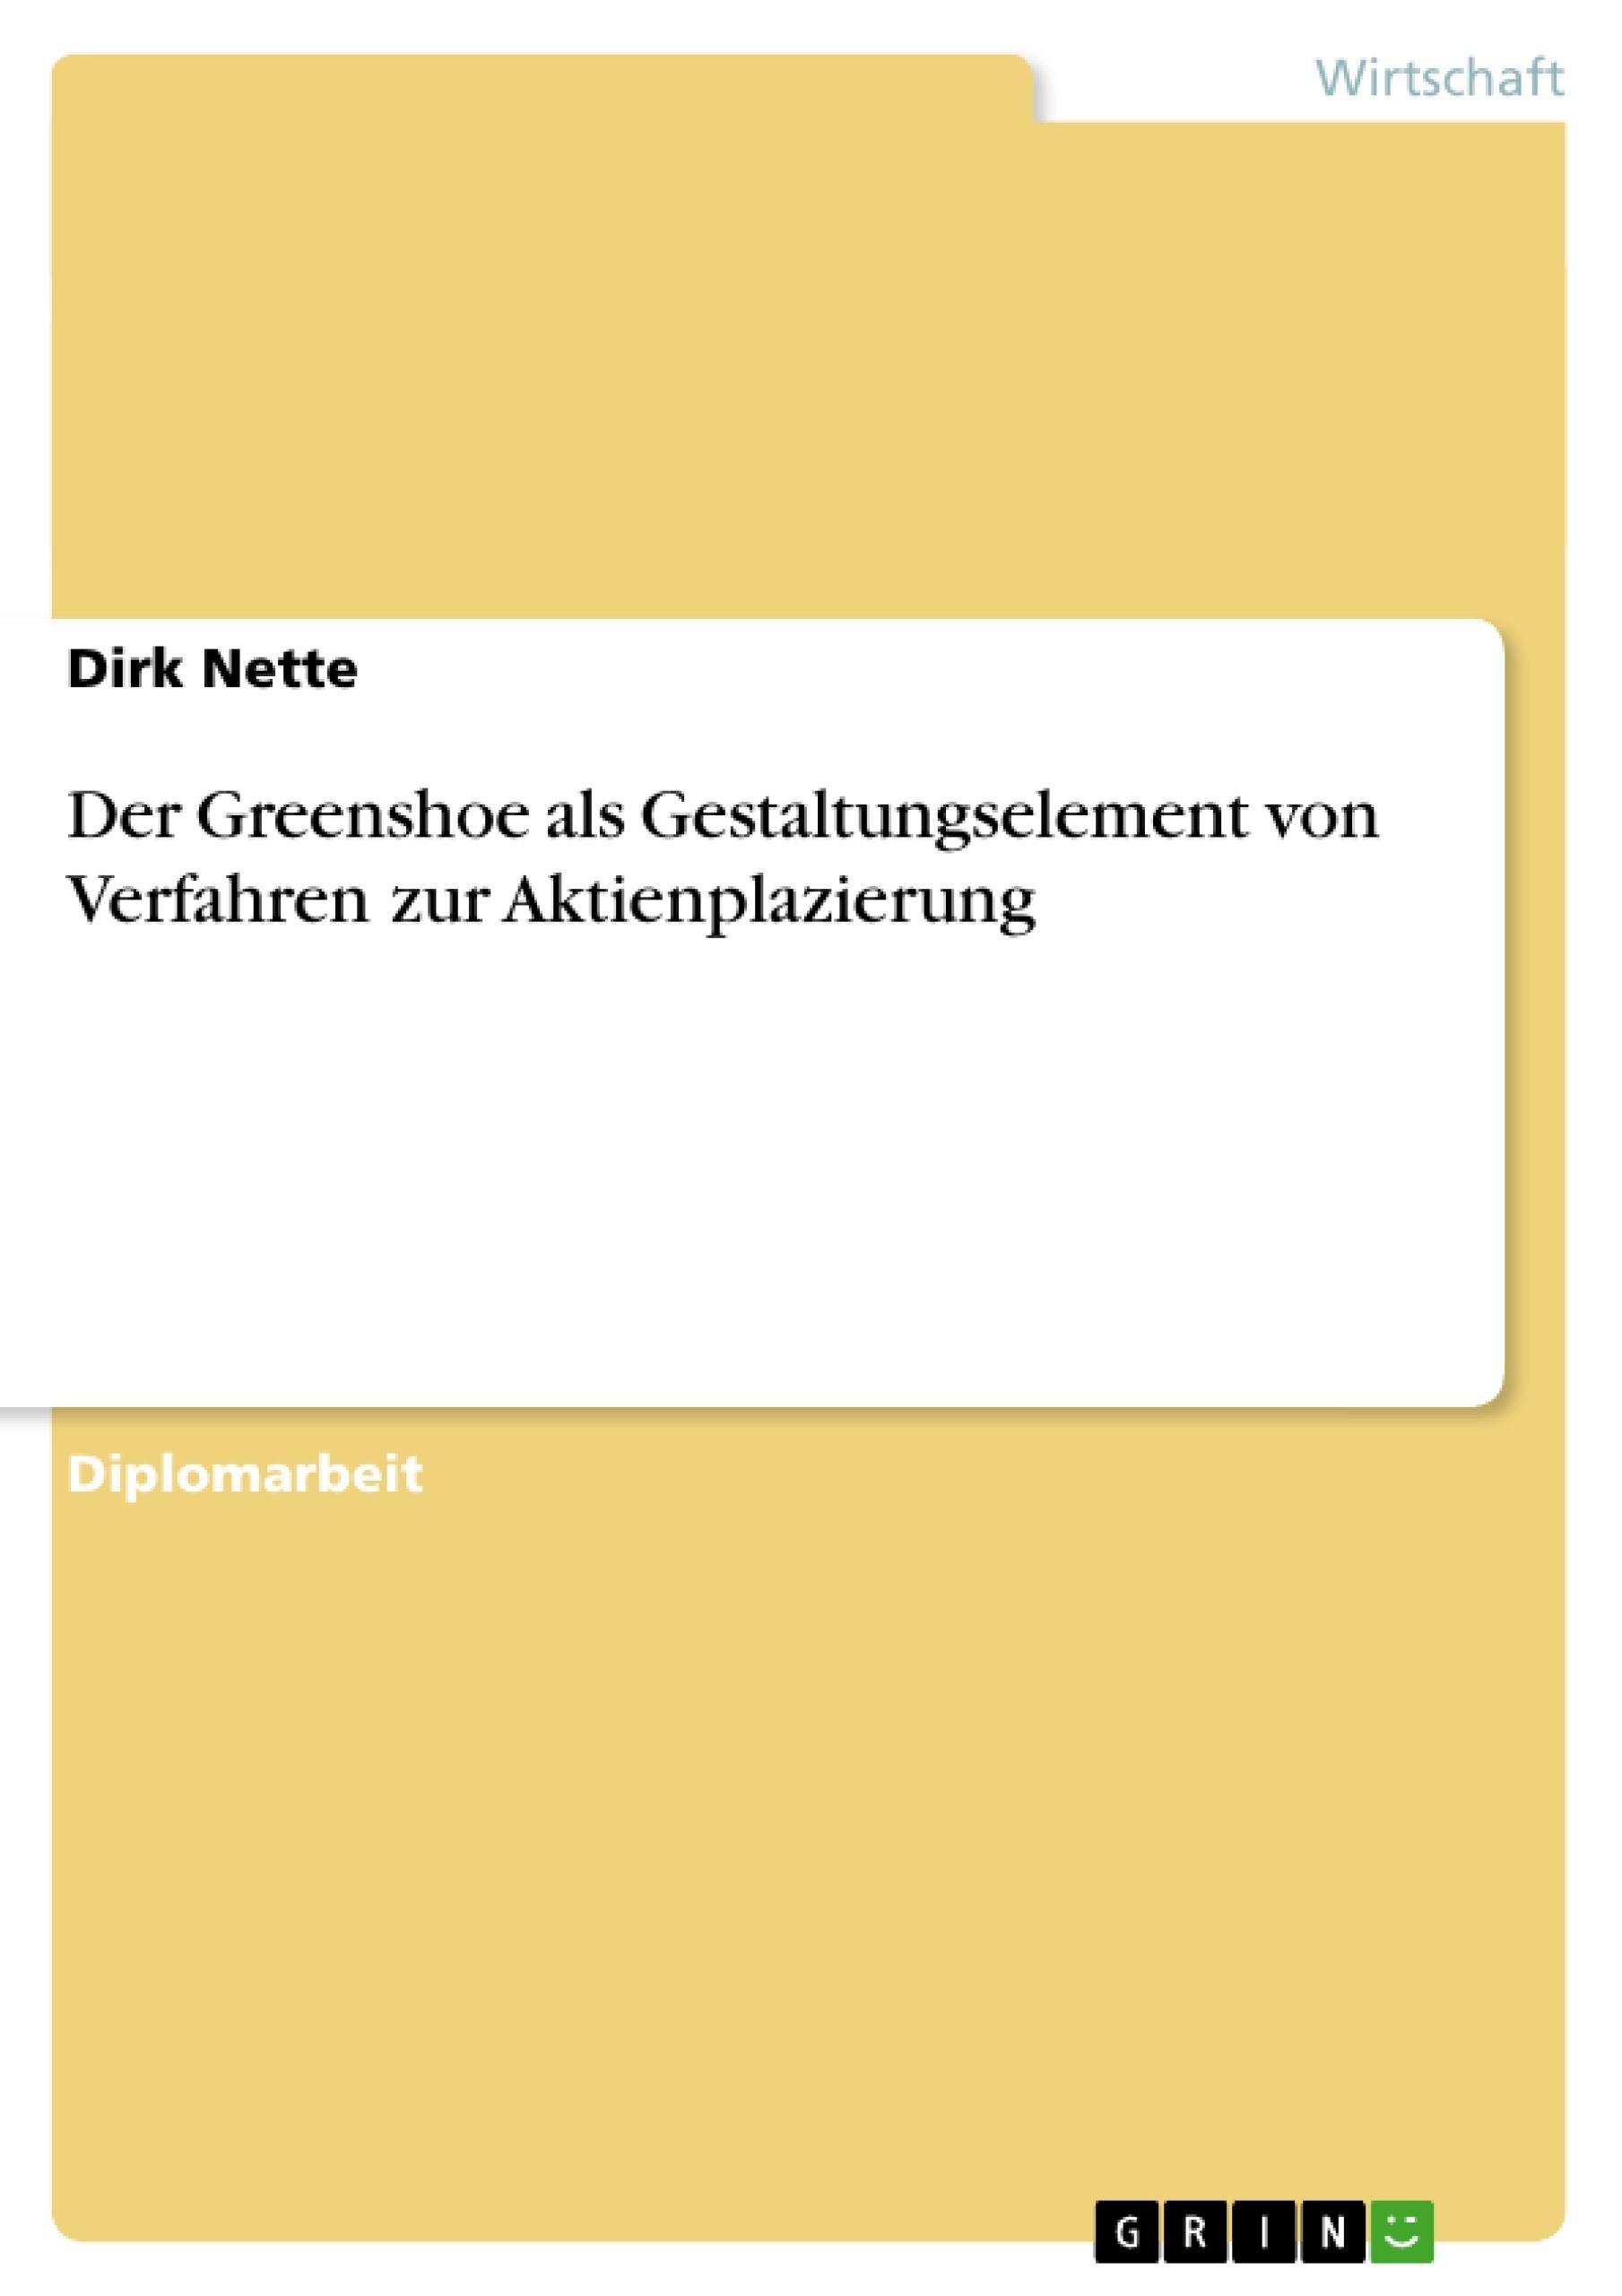 Titel: Der Greenshoe als Gestaltungselement von Verfahren zur Aktienplazierung